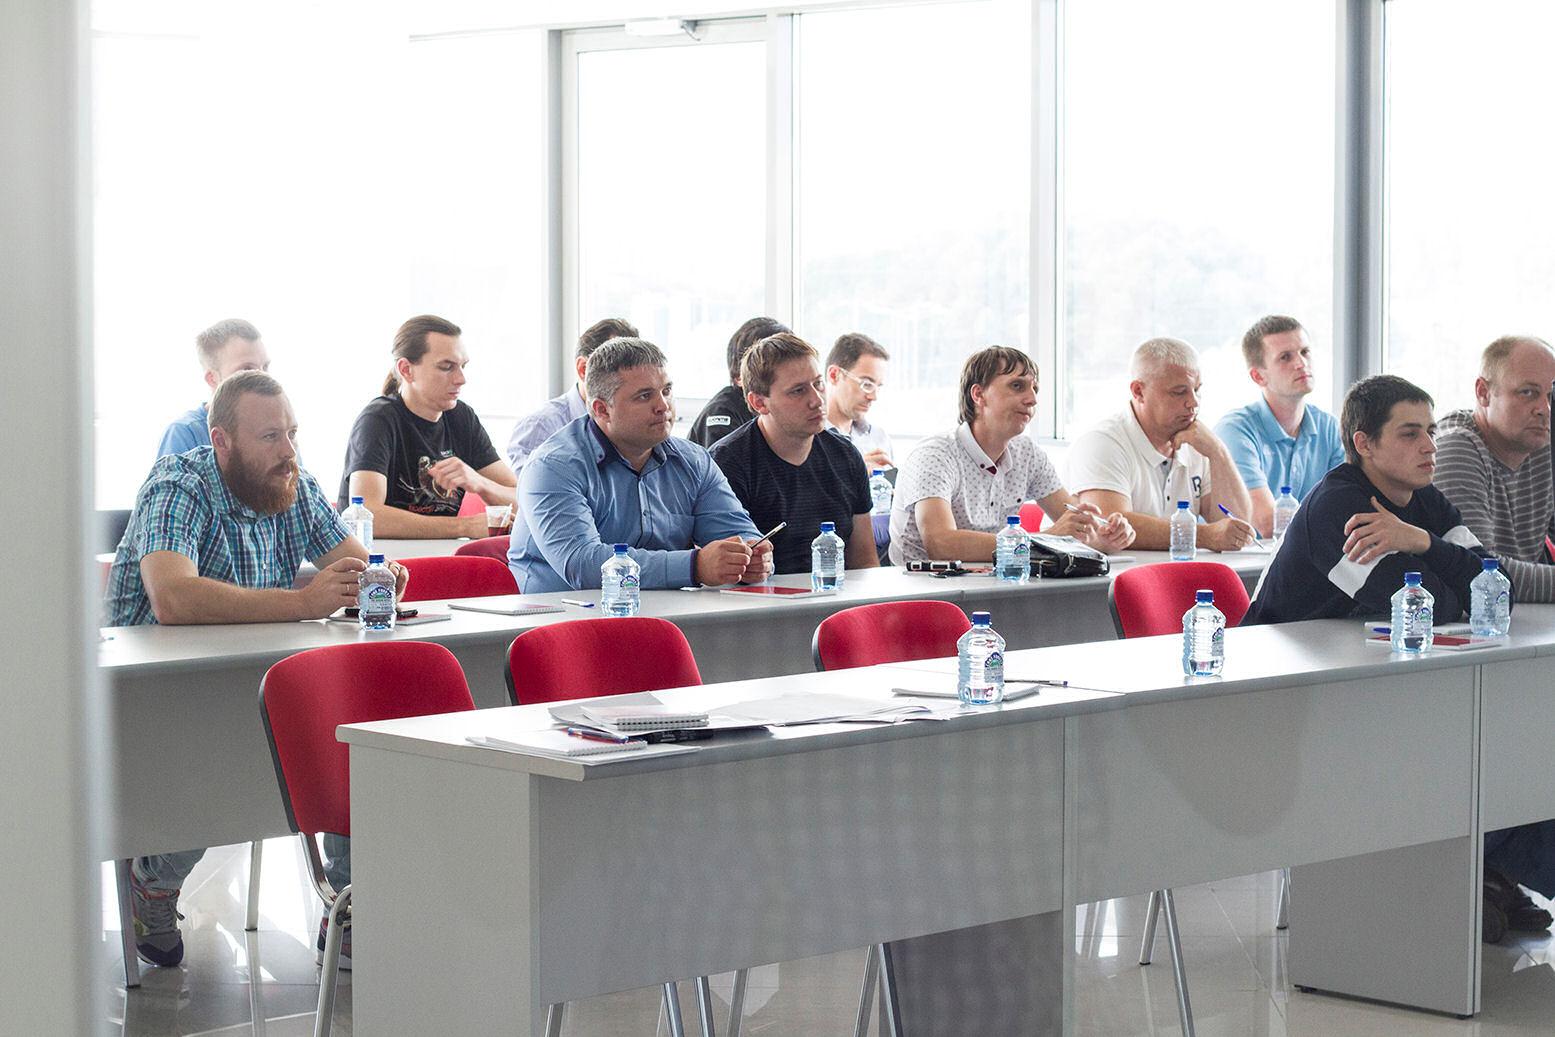 Обучающий семинар компании Unisaw